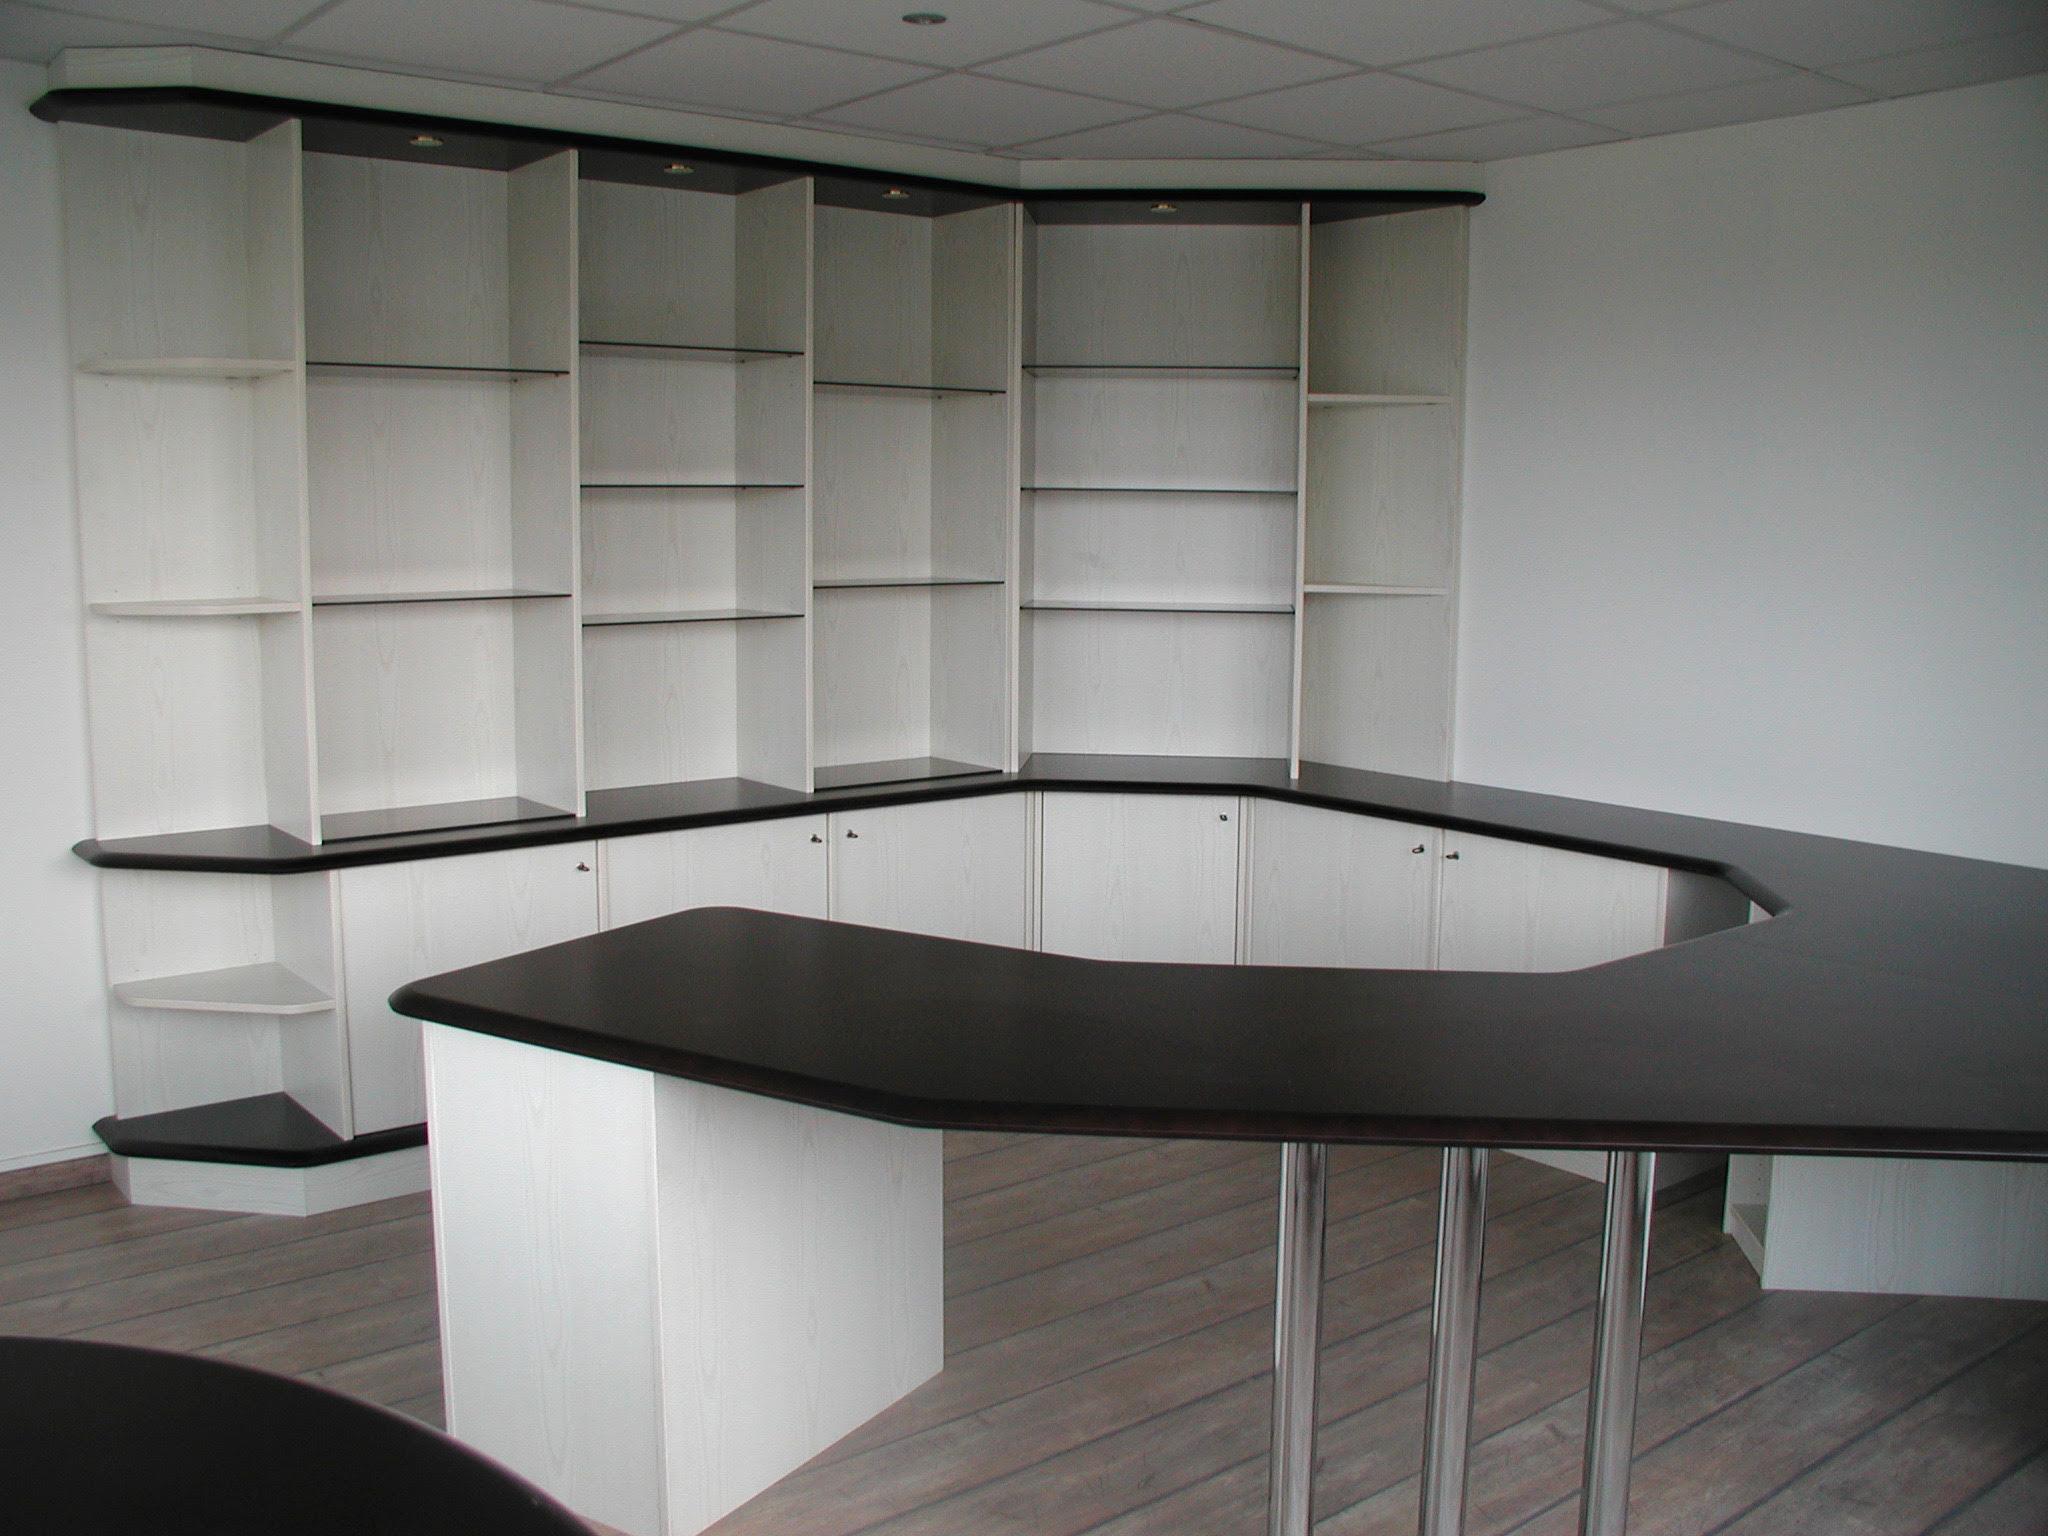 bureaux aix les bains annecy chambery geneve savoie. Black Bedroom Furniture Sets. Home Design Ideas